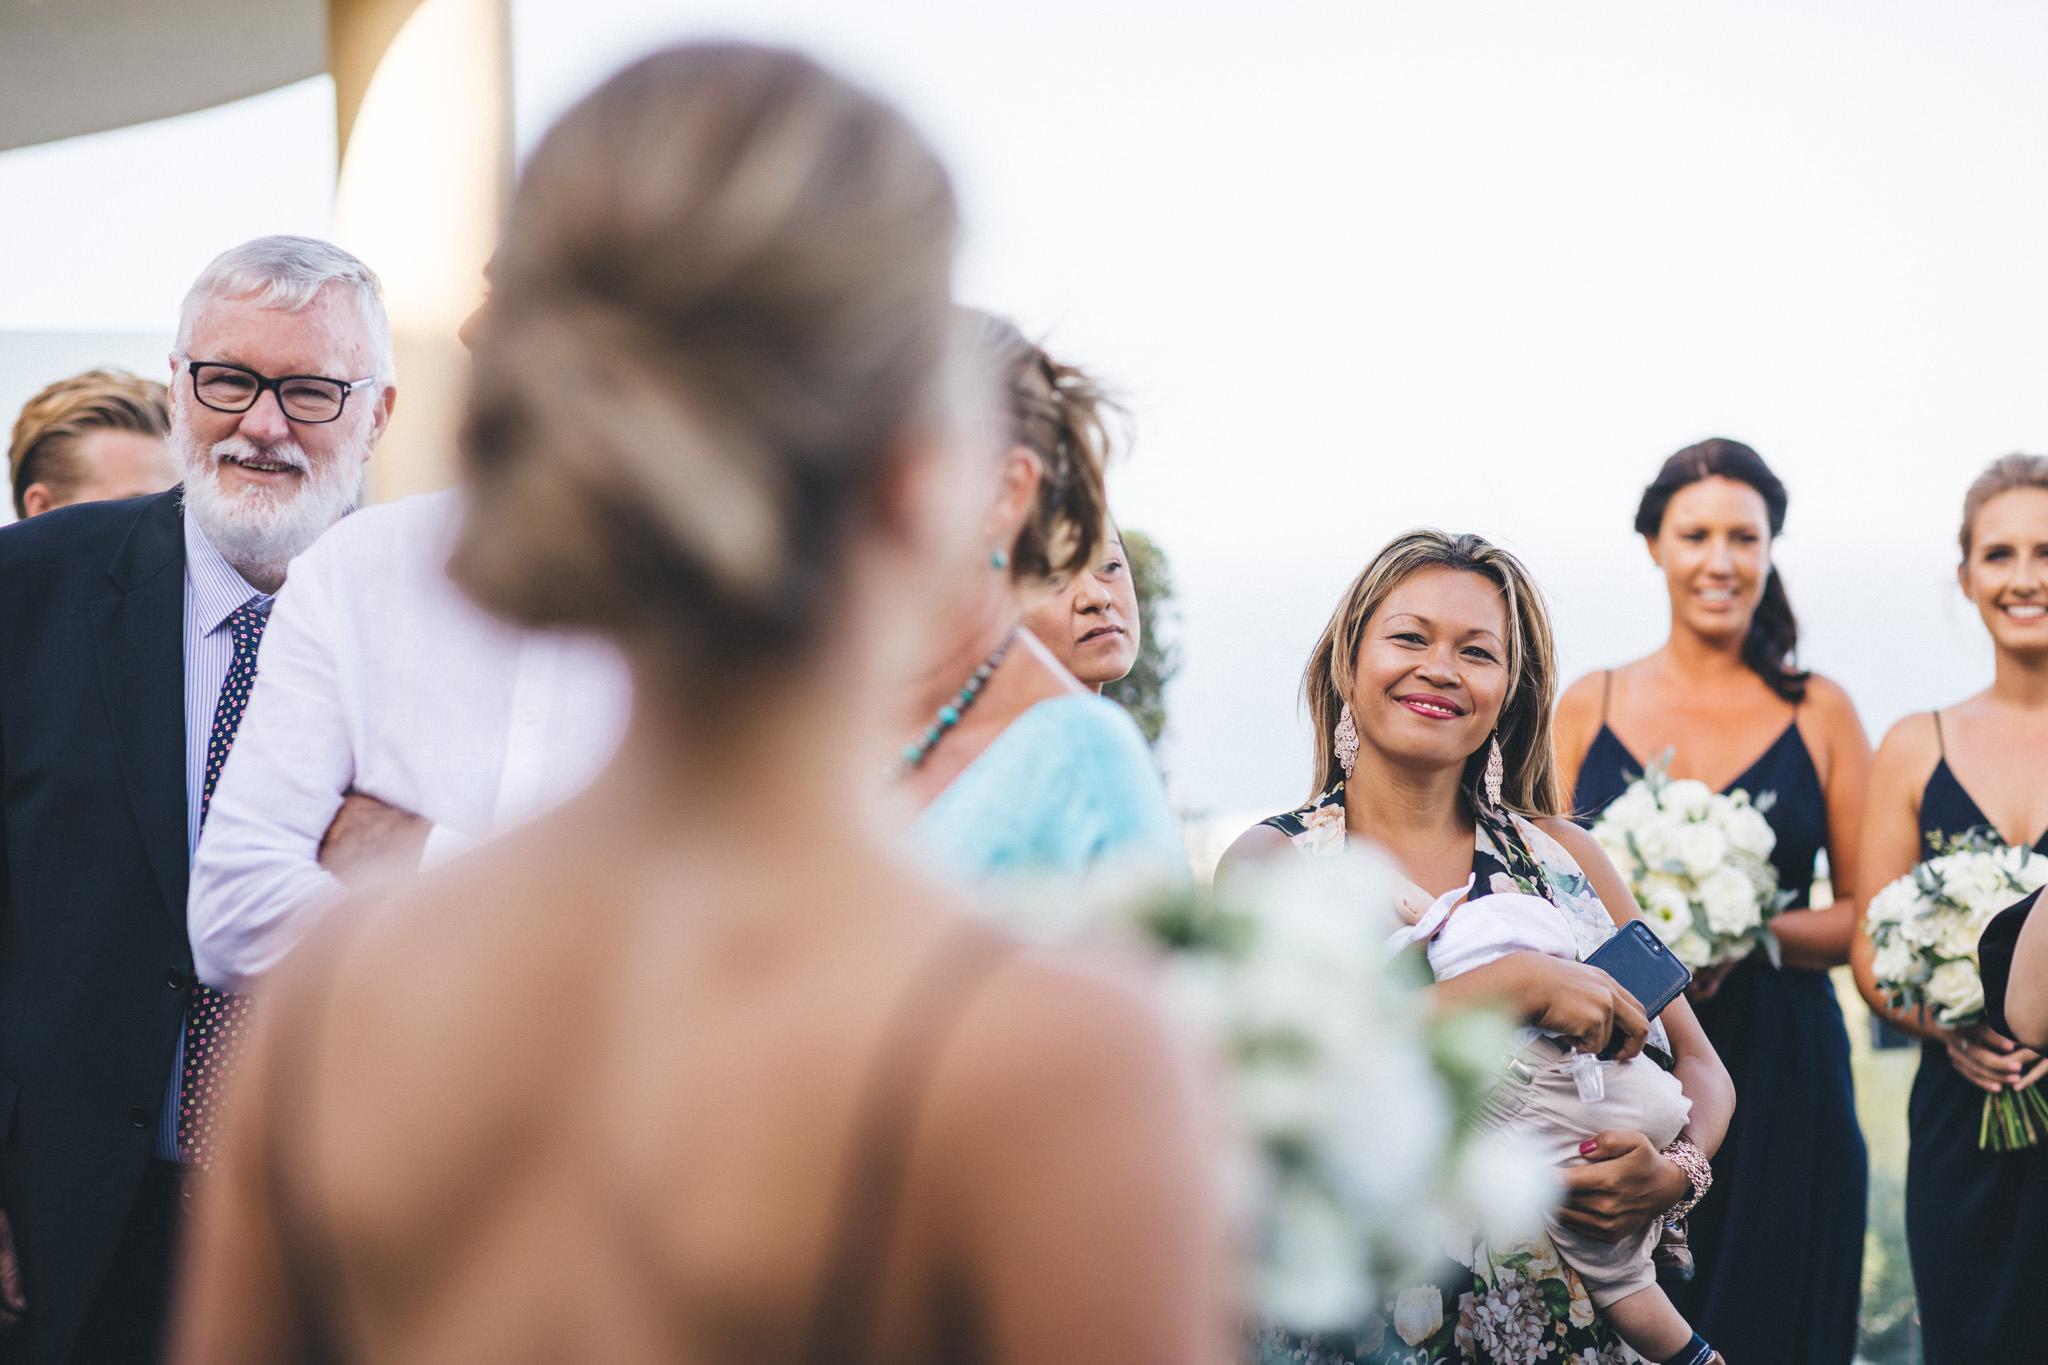 Ann-Marie-Yuen-Photography-Whale-Beach-Wedding-0105.jpg